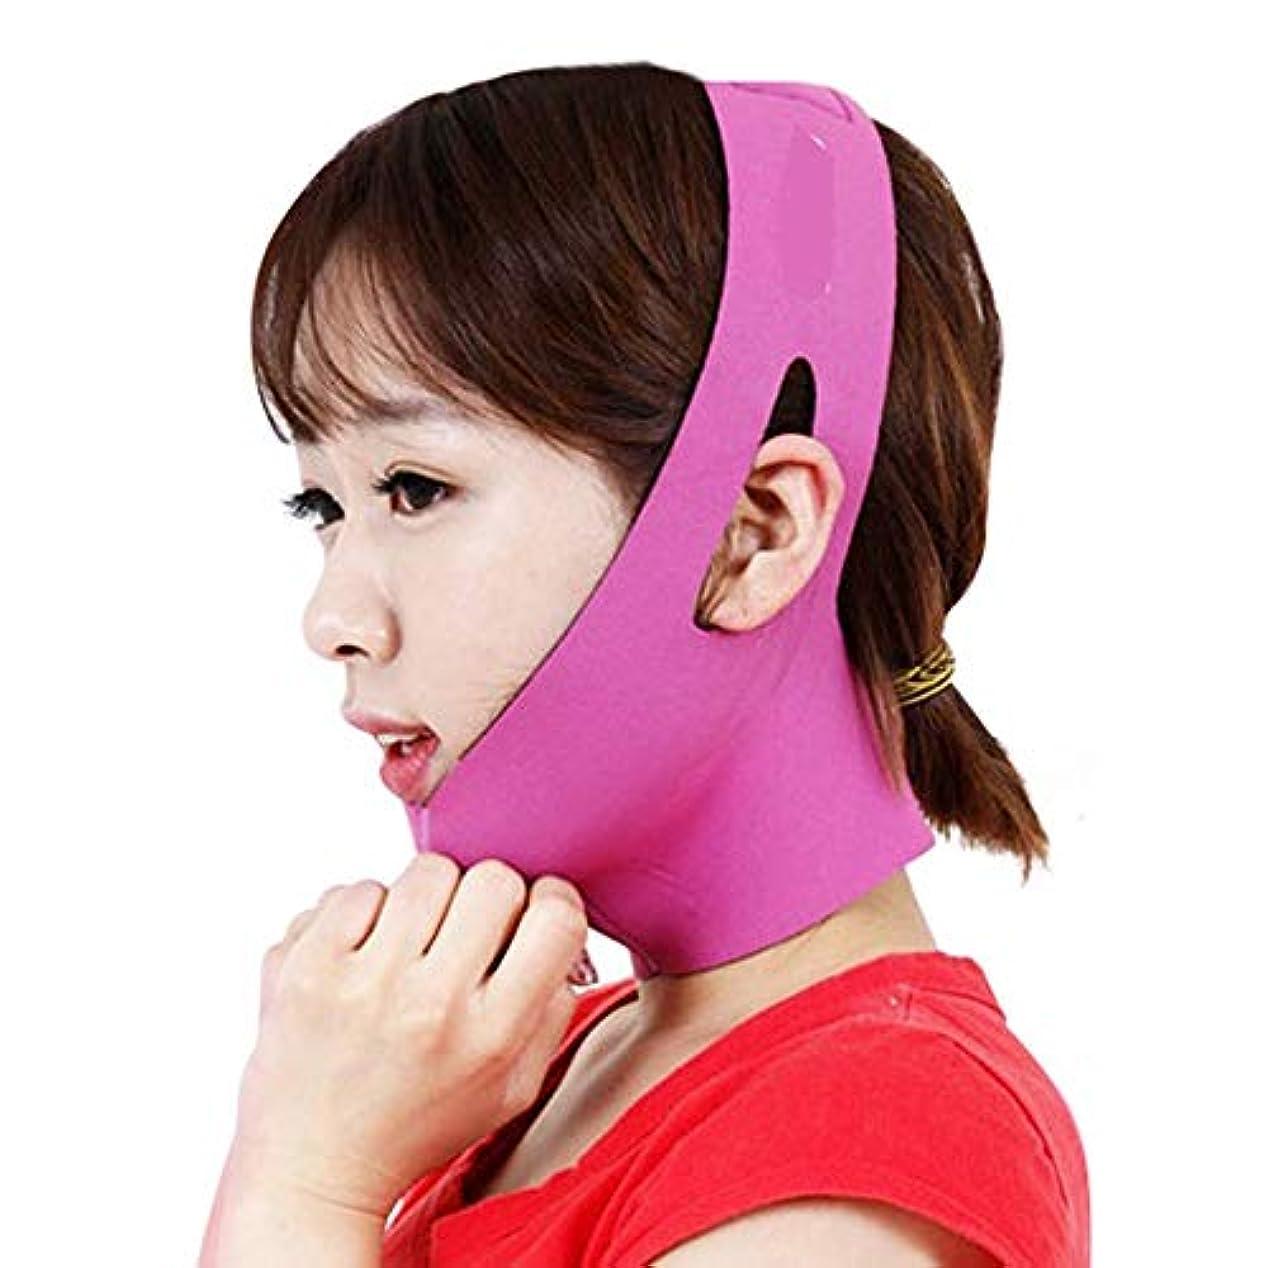 ダブル柱建築Minmin フェイシャルリフティング痩身ベルト圧縮二重あご減量ベルトスキンケア薄い顔包帯二重あごワークアウト みんみんVラインフェイスマスク (Color : Pink)